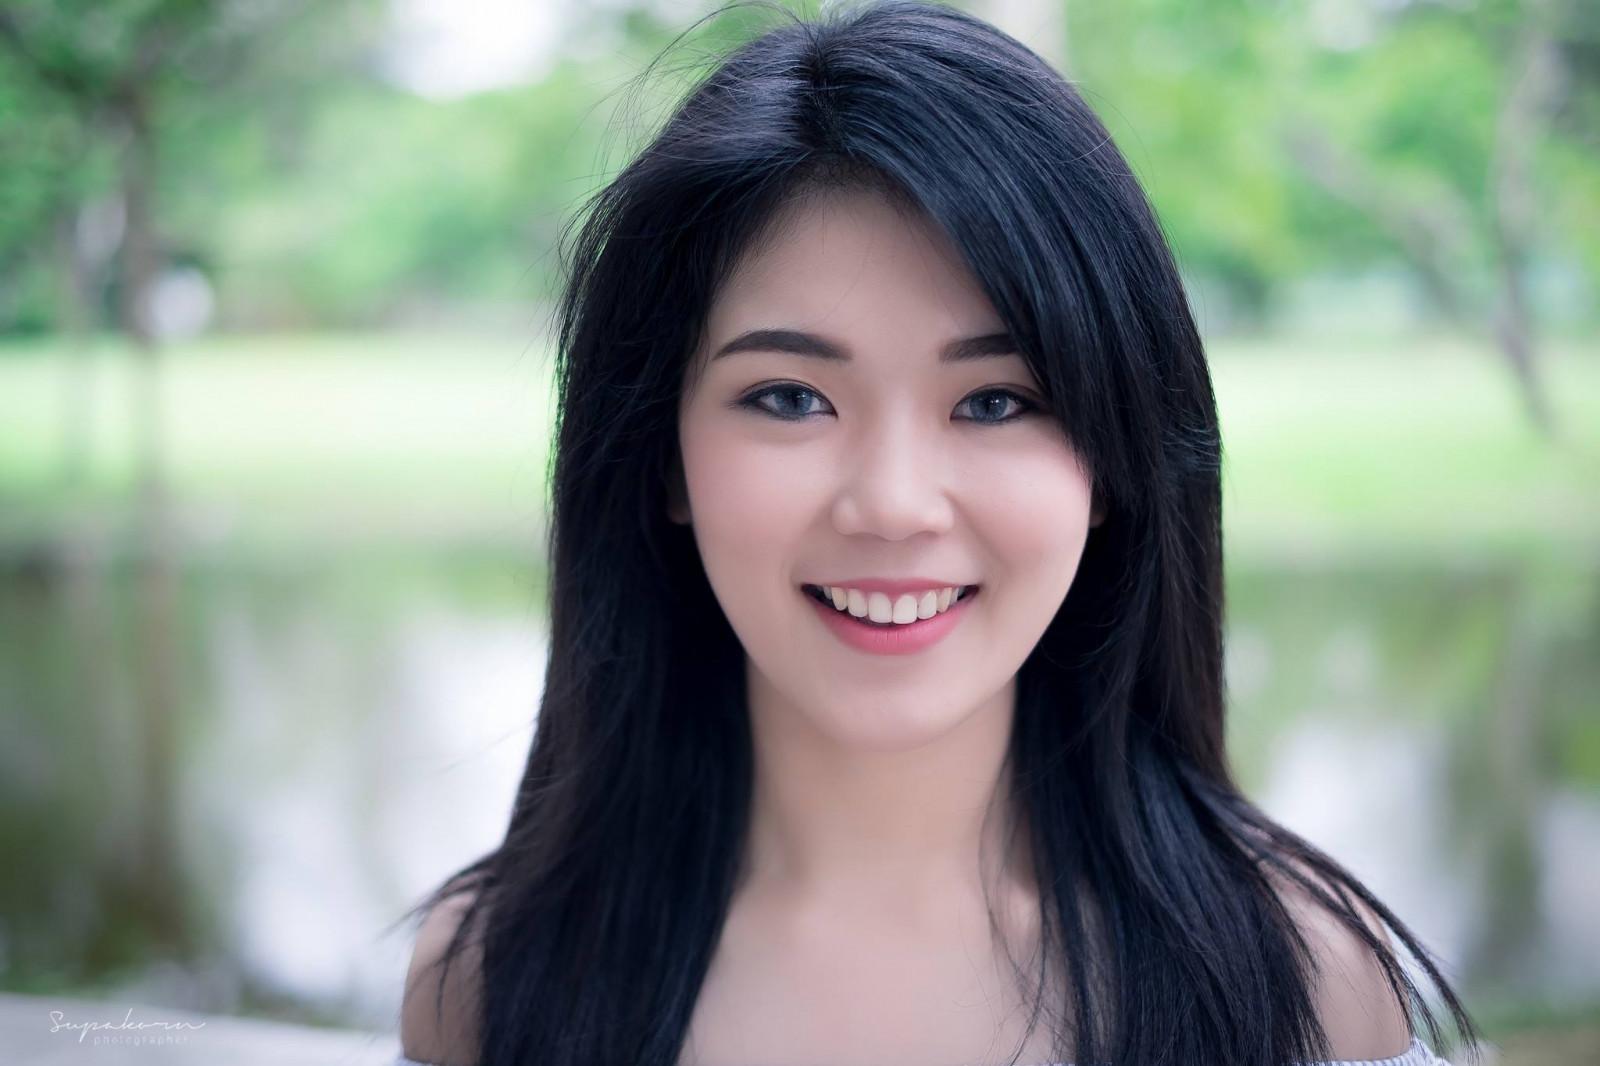 Beautiful asian women pics, sexy anal hardcore